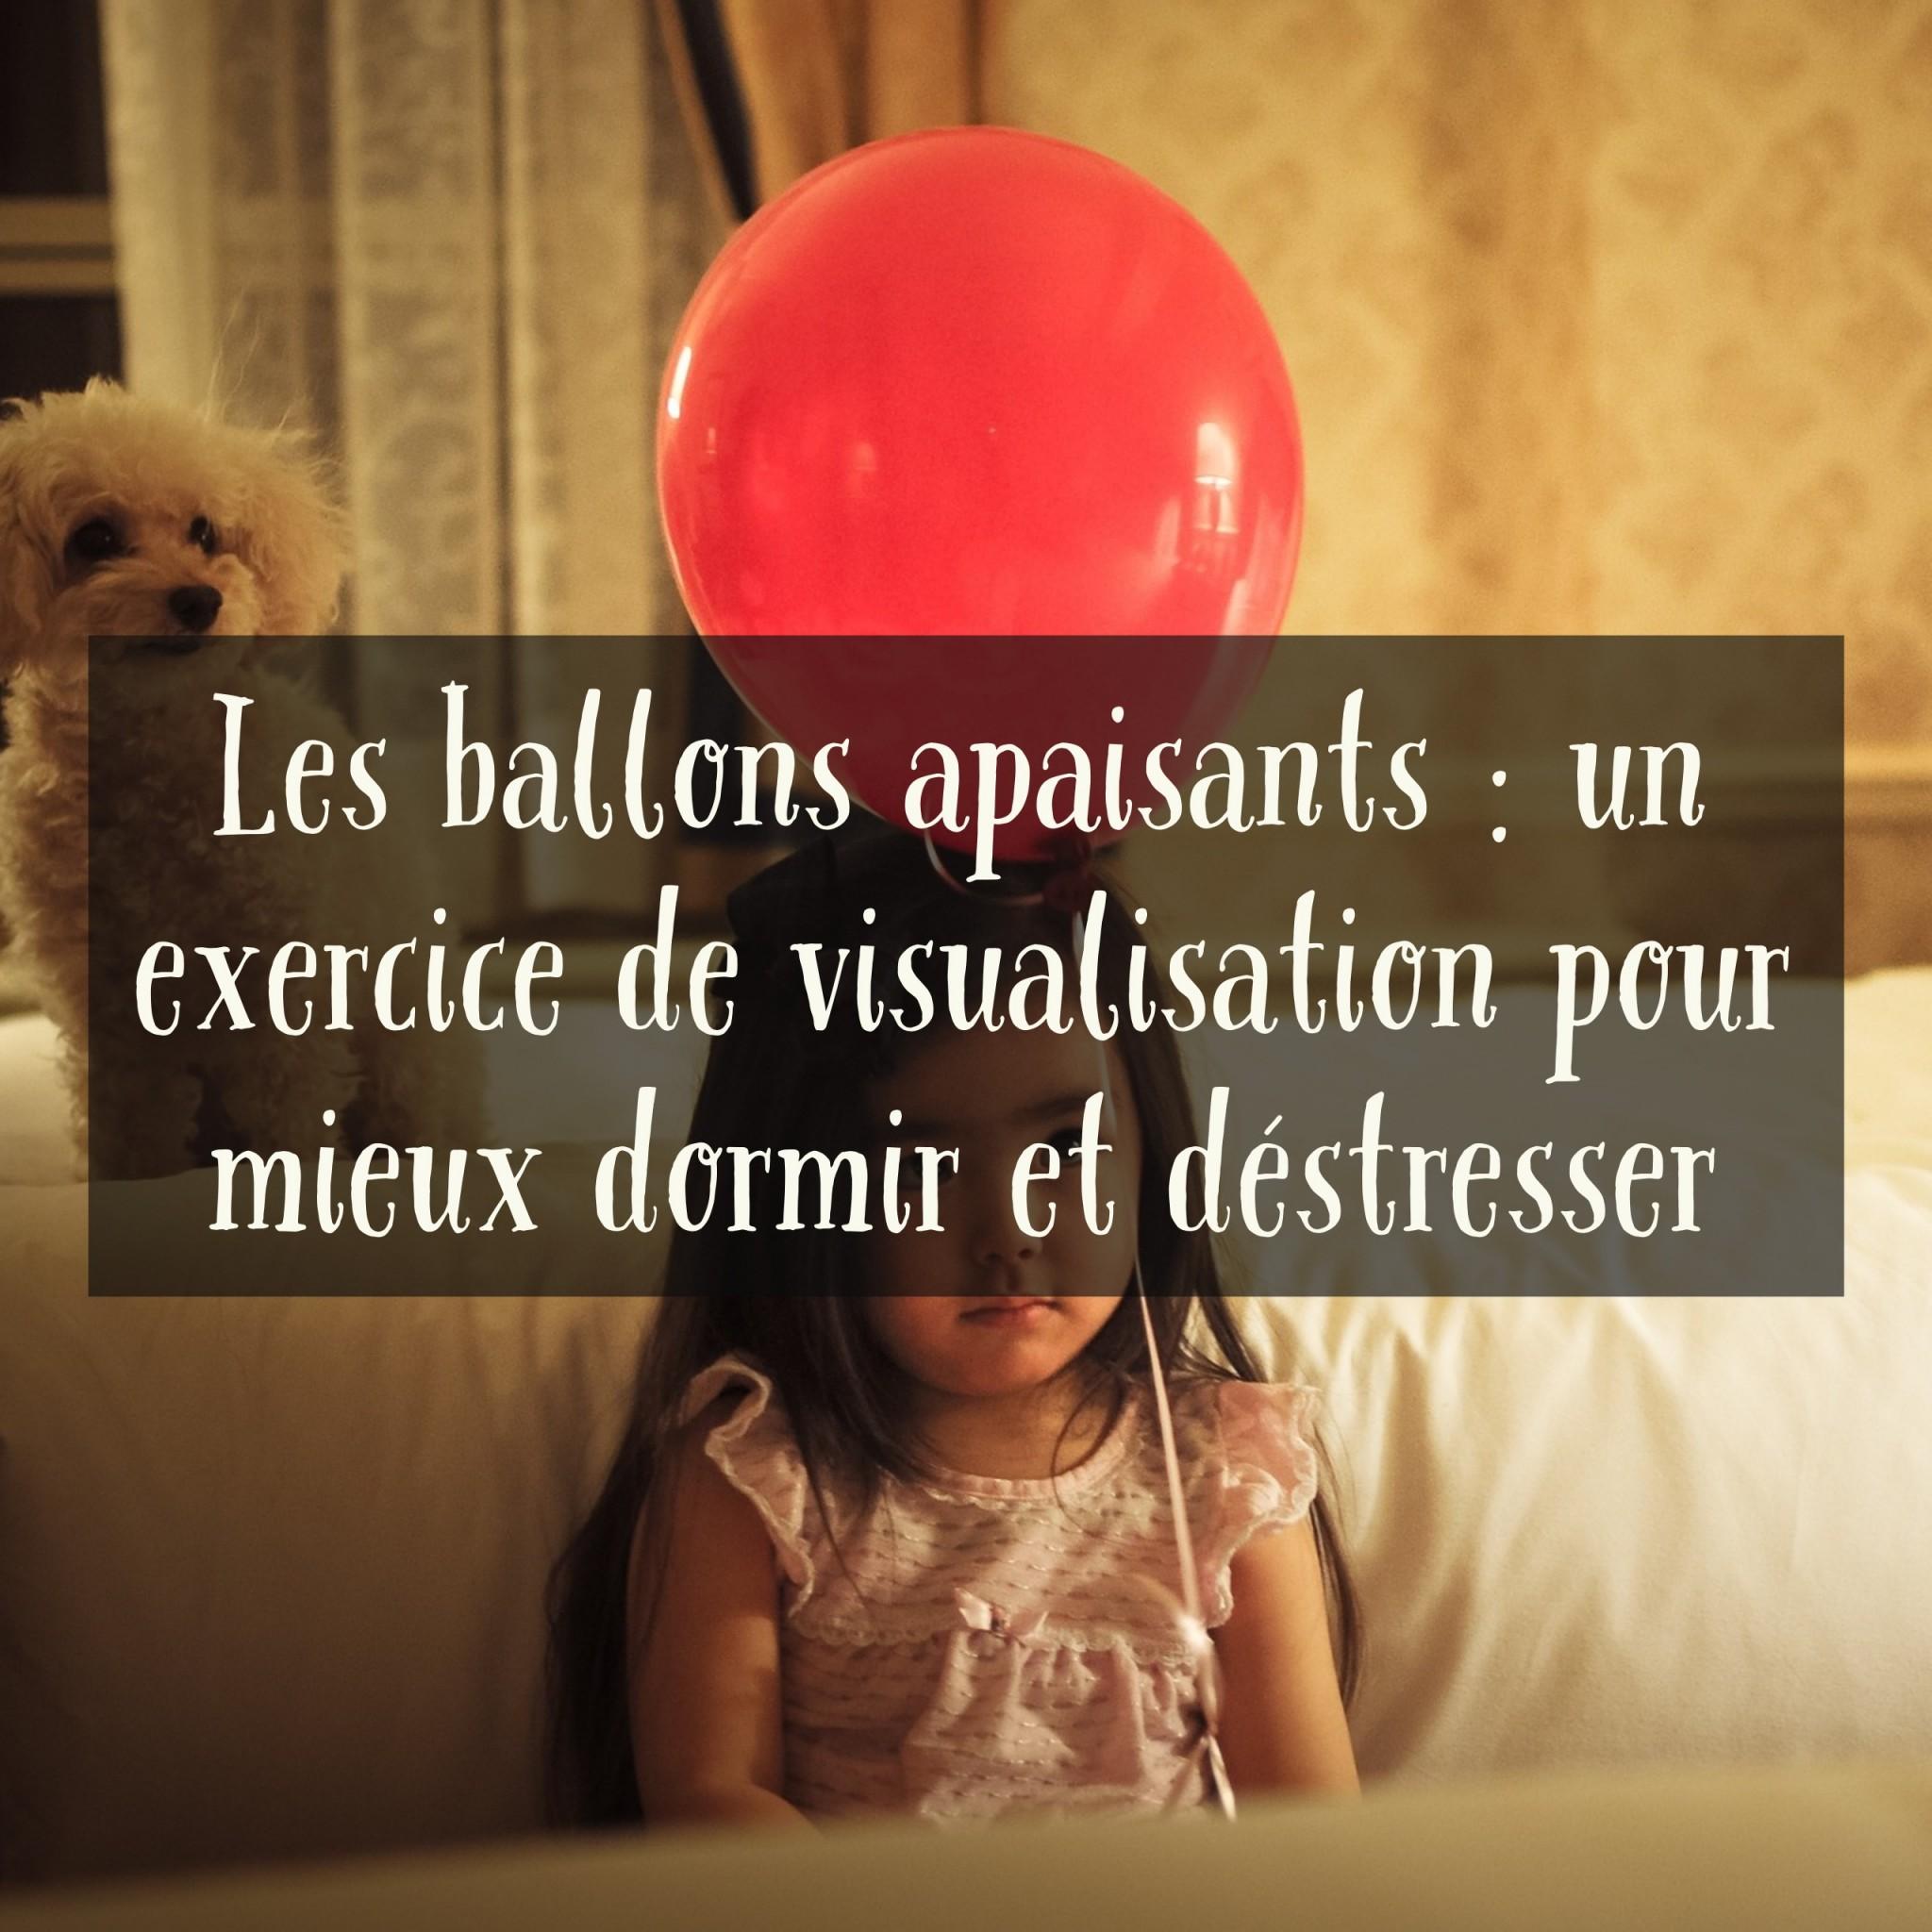 Les ballons apaisants  un exercice de visualisation pour mieux dormir et déstresser